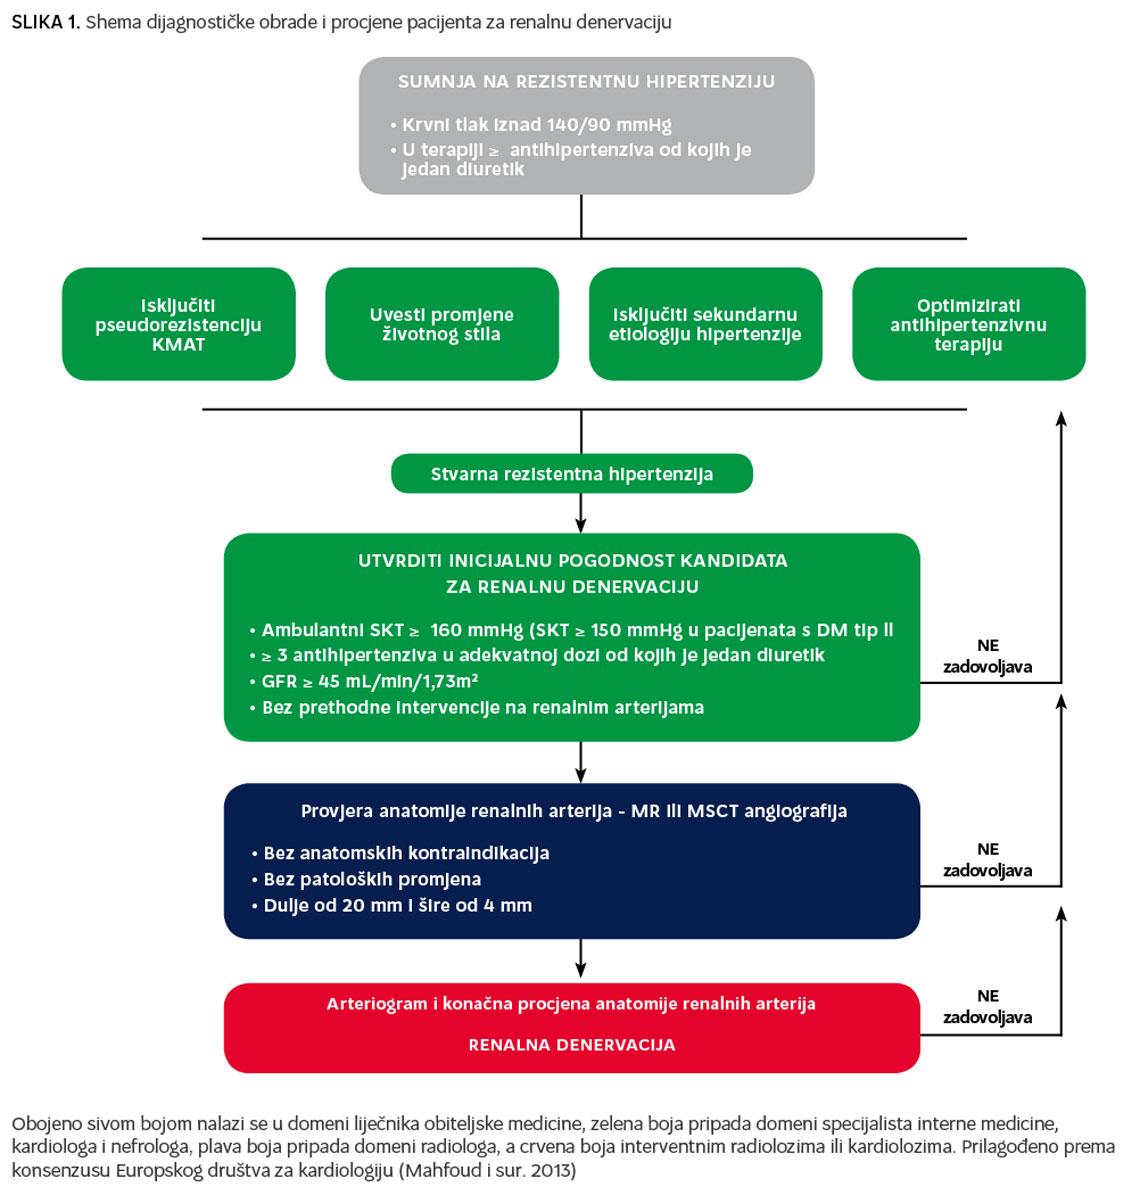 hipertenzija i srčani li će invalidnost medicinska prehrana hipertenzija